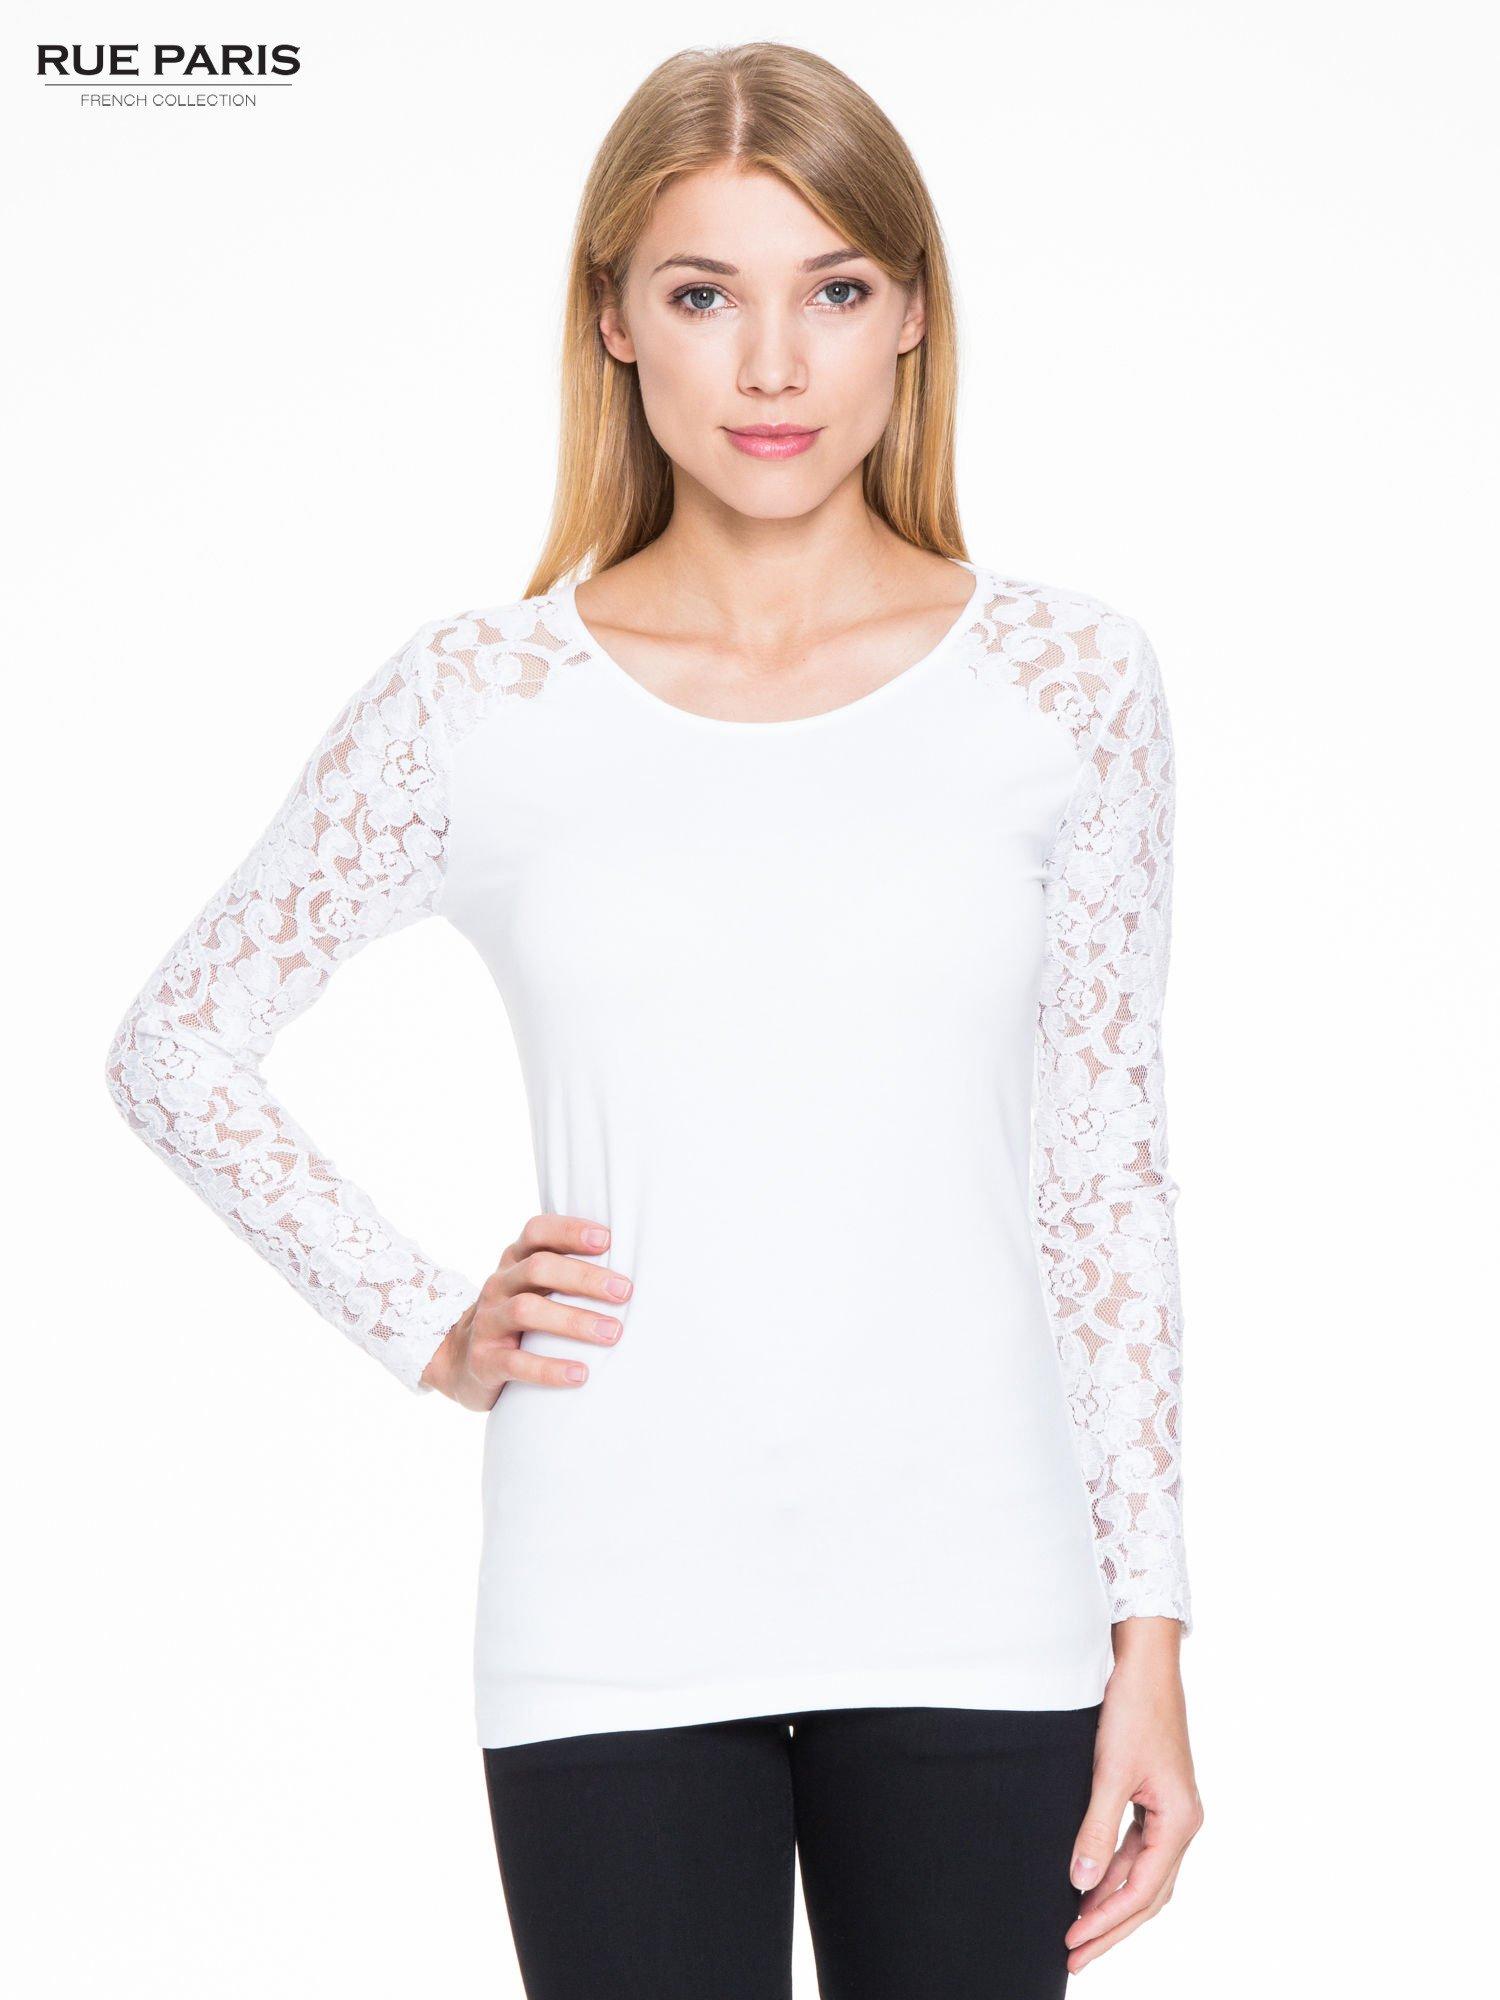 Biała bluzka z koronkowymi rękawami                                  zdj.                                  1